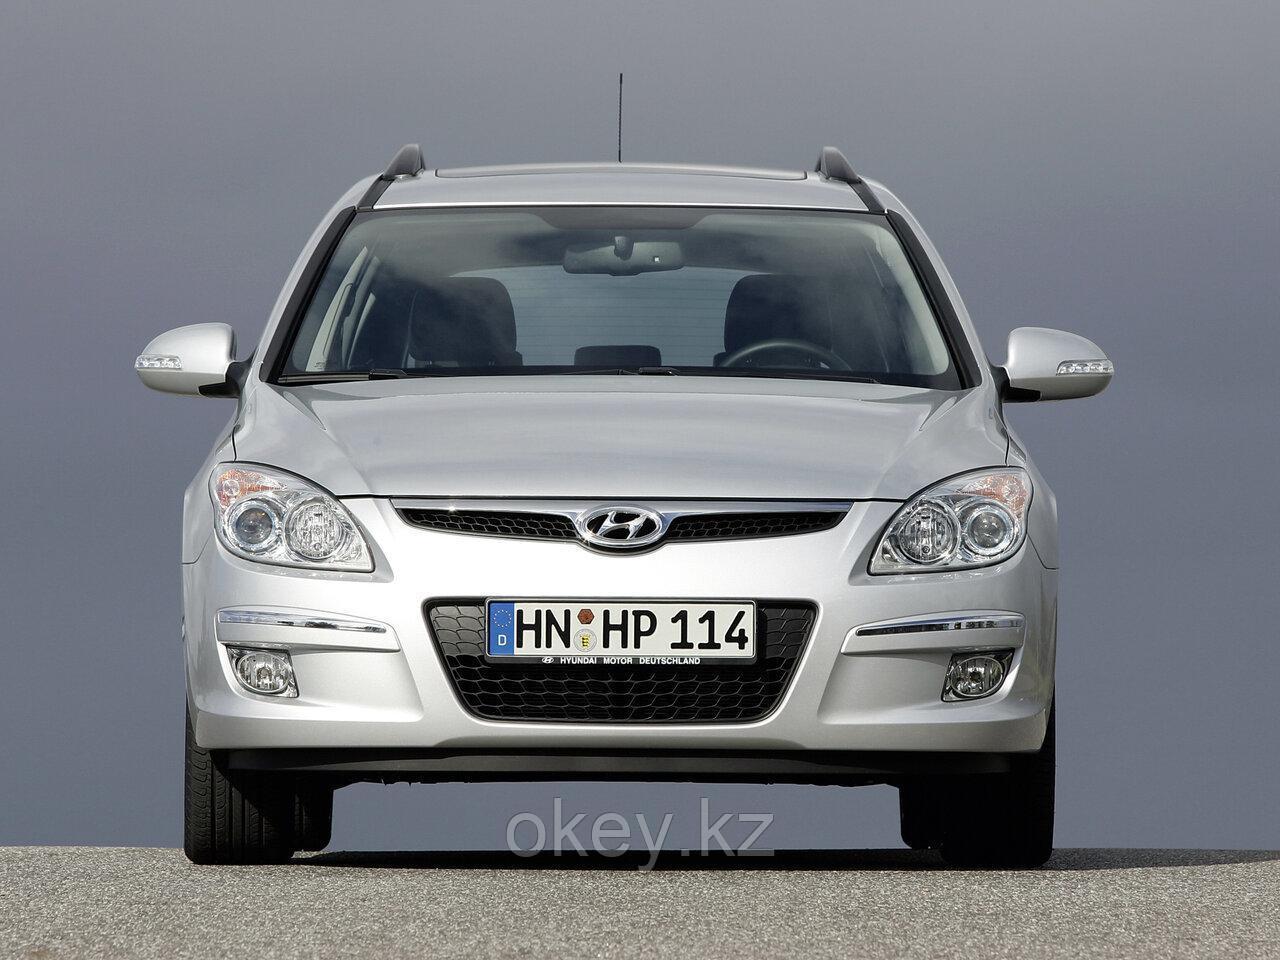 Тормозные колодки Kötl 3474KT для Hyundai I30 CW I универсал (FD) 2.0 CRDi, 2008-2012 года выпуска.